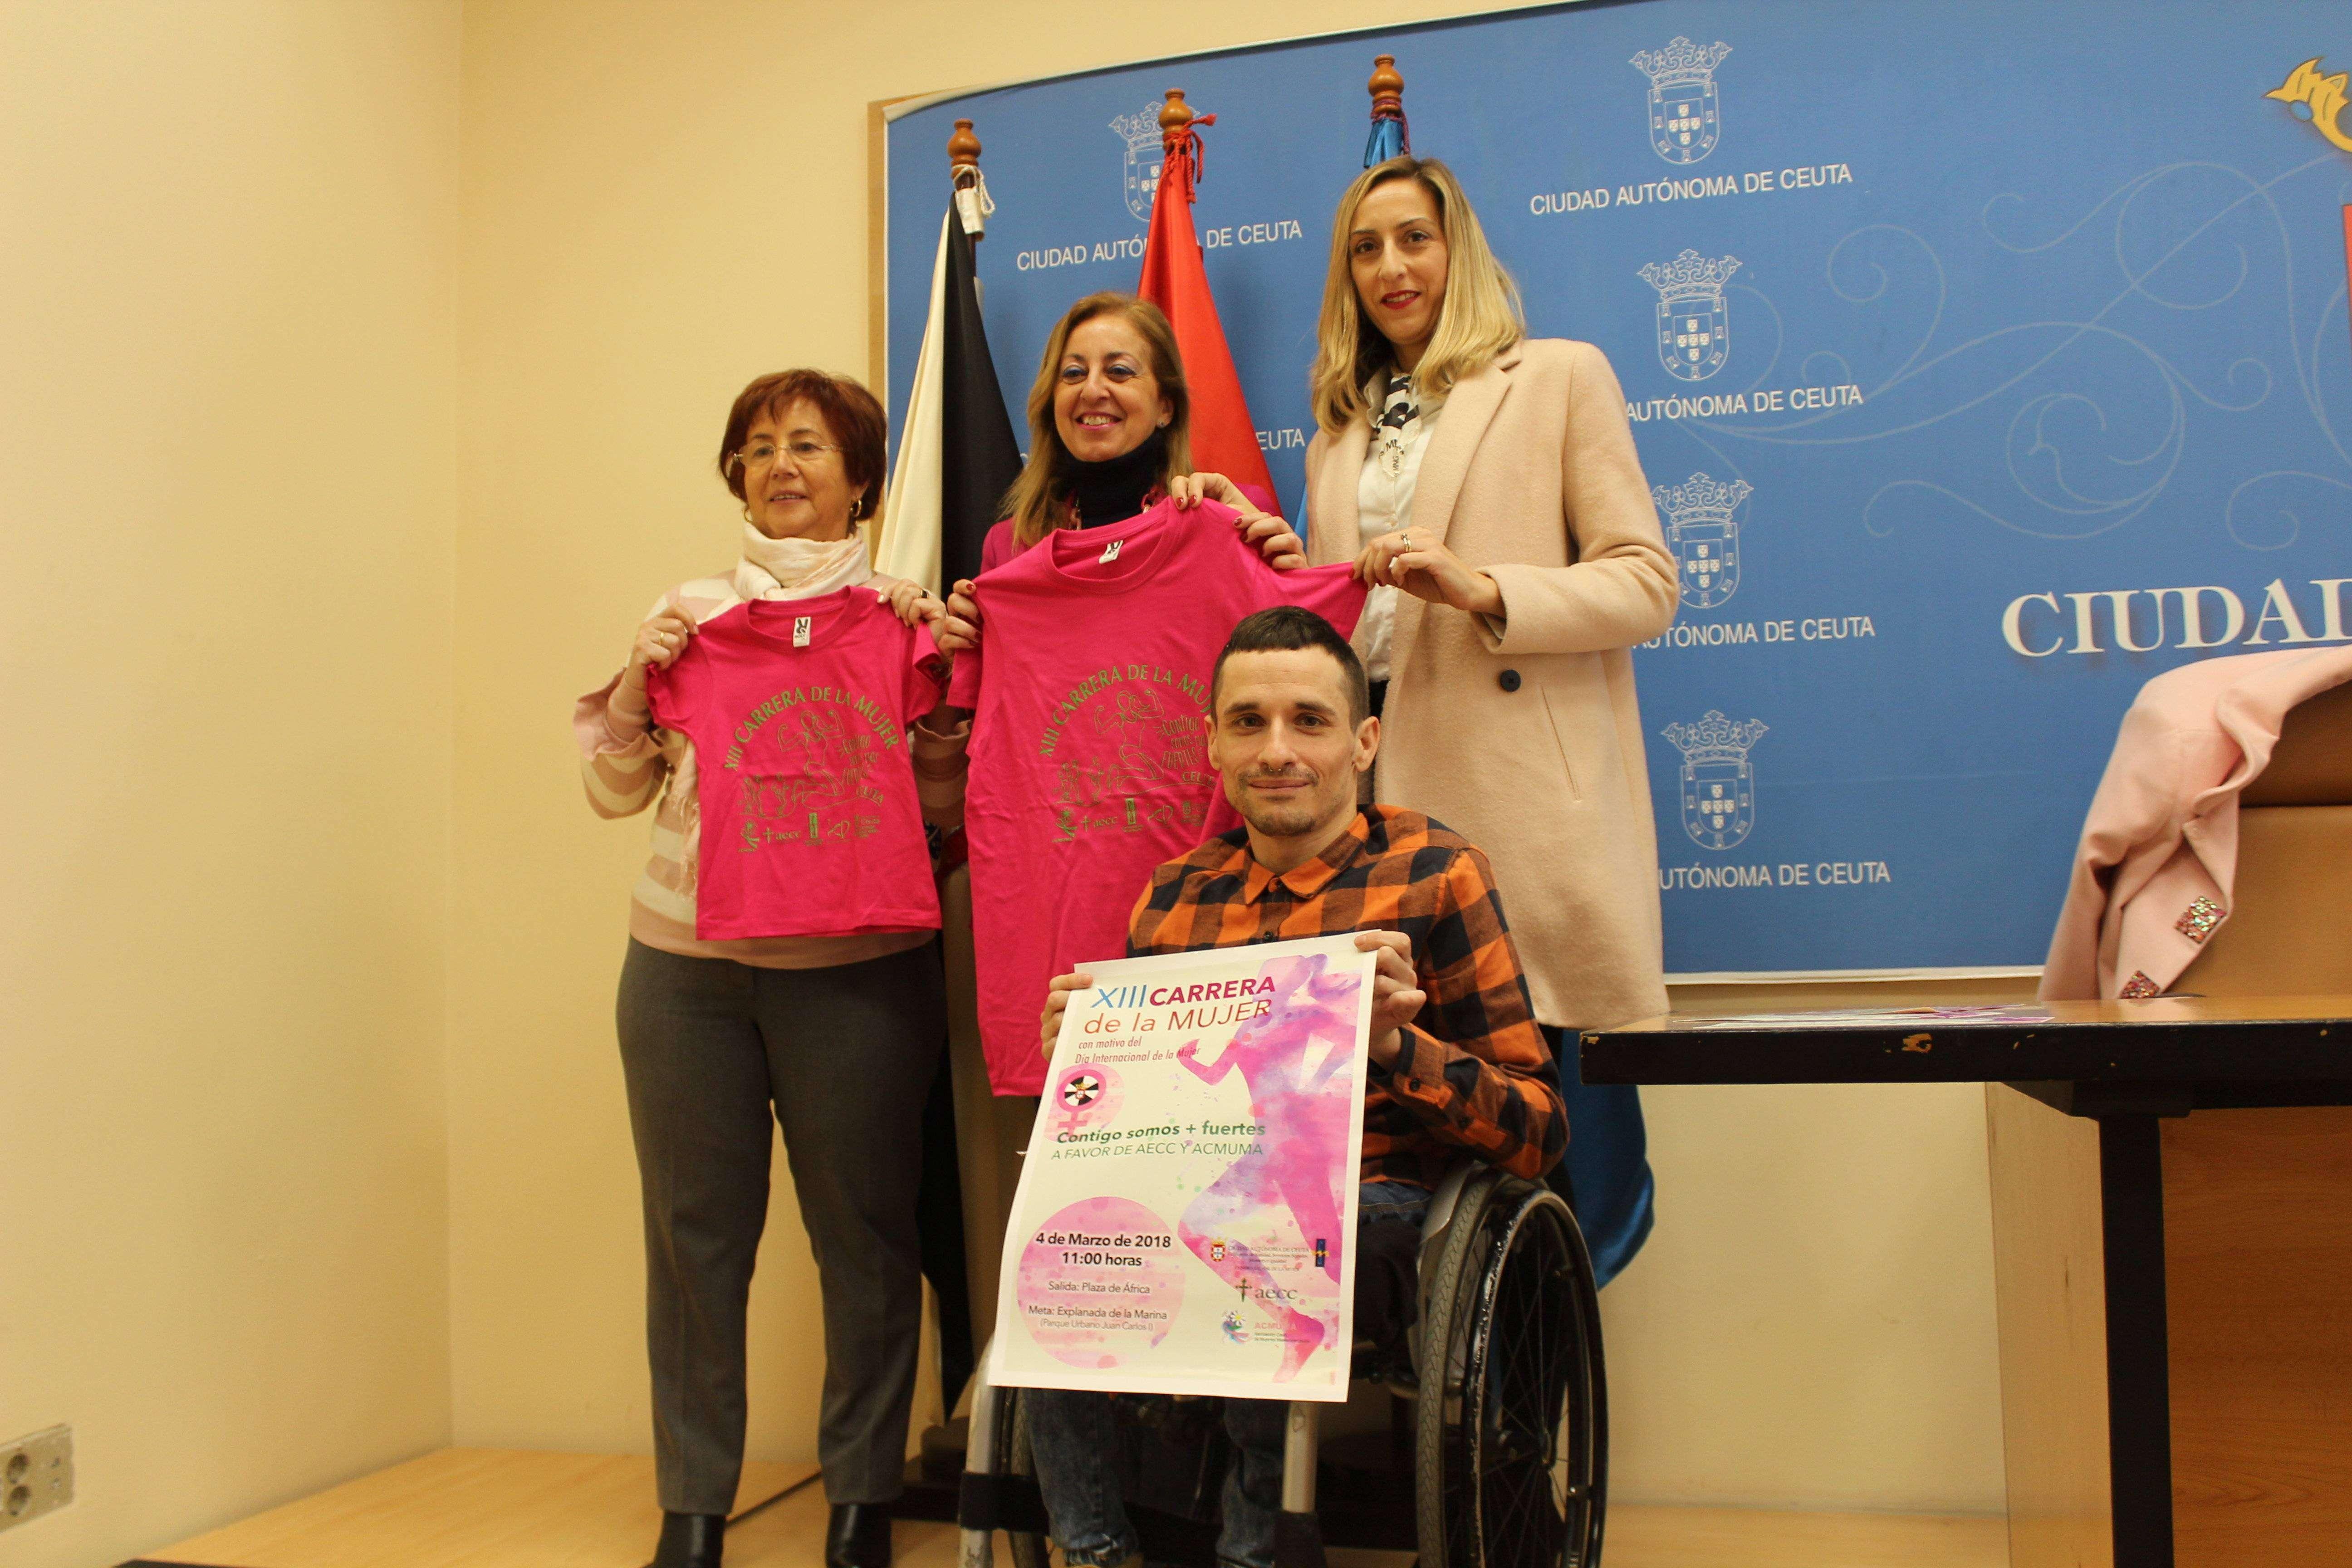 5.000 camisetas a la venta para la Carrera de la Mujer